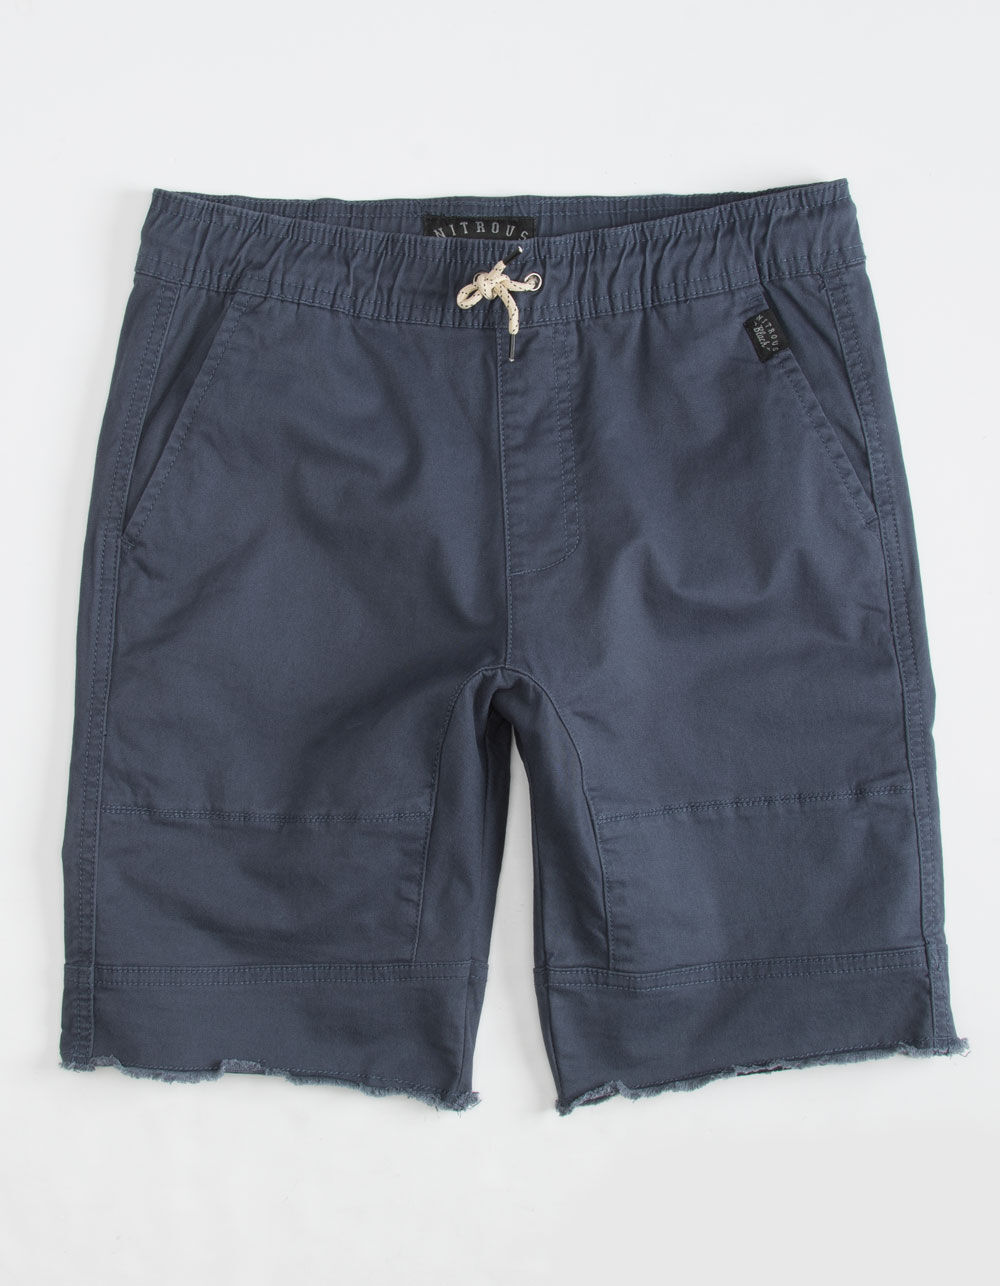 NITROUS BLACK Angle Navy Boys Jogger Shorts